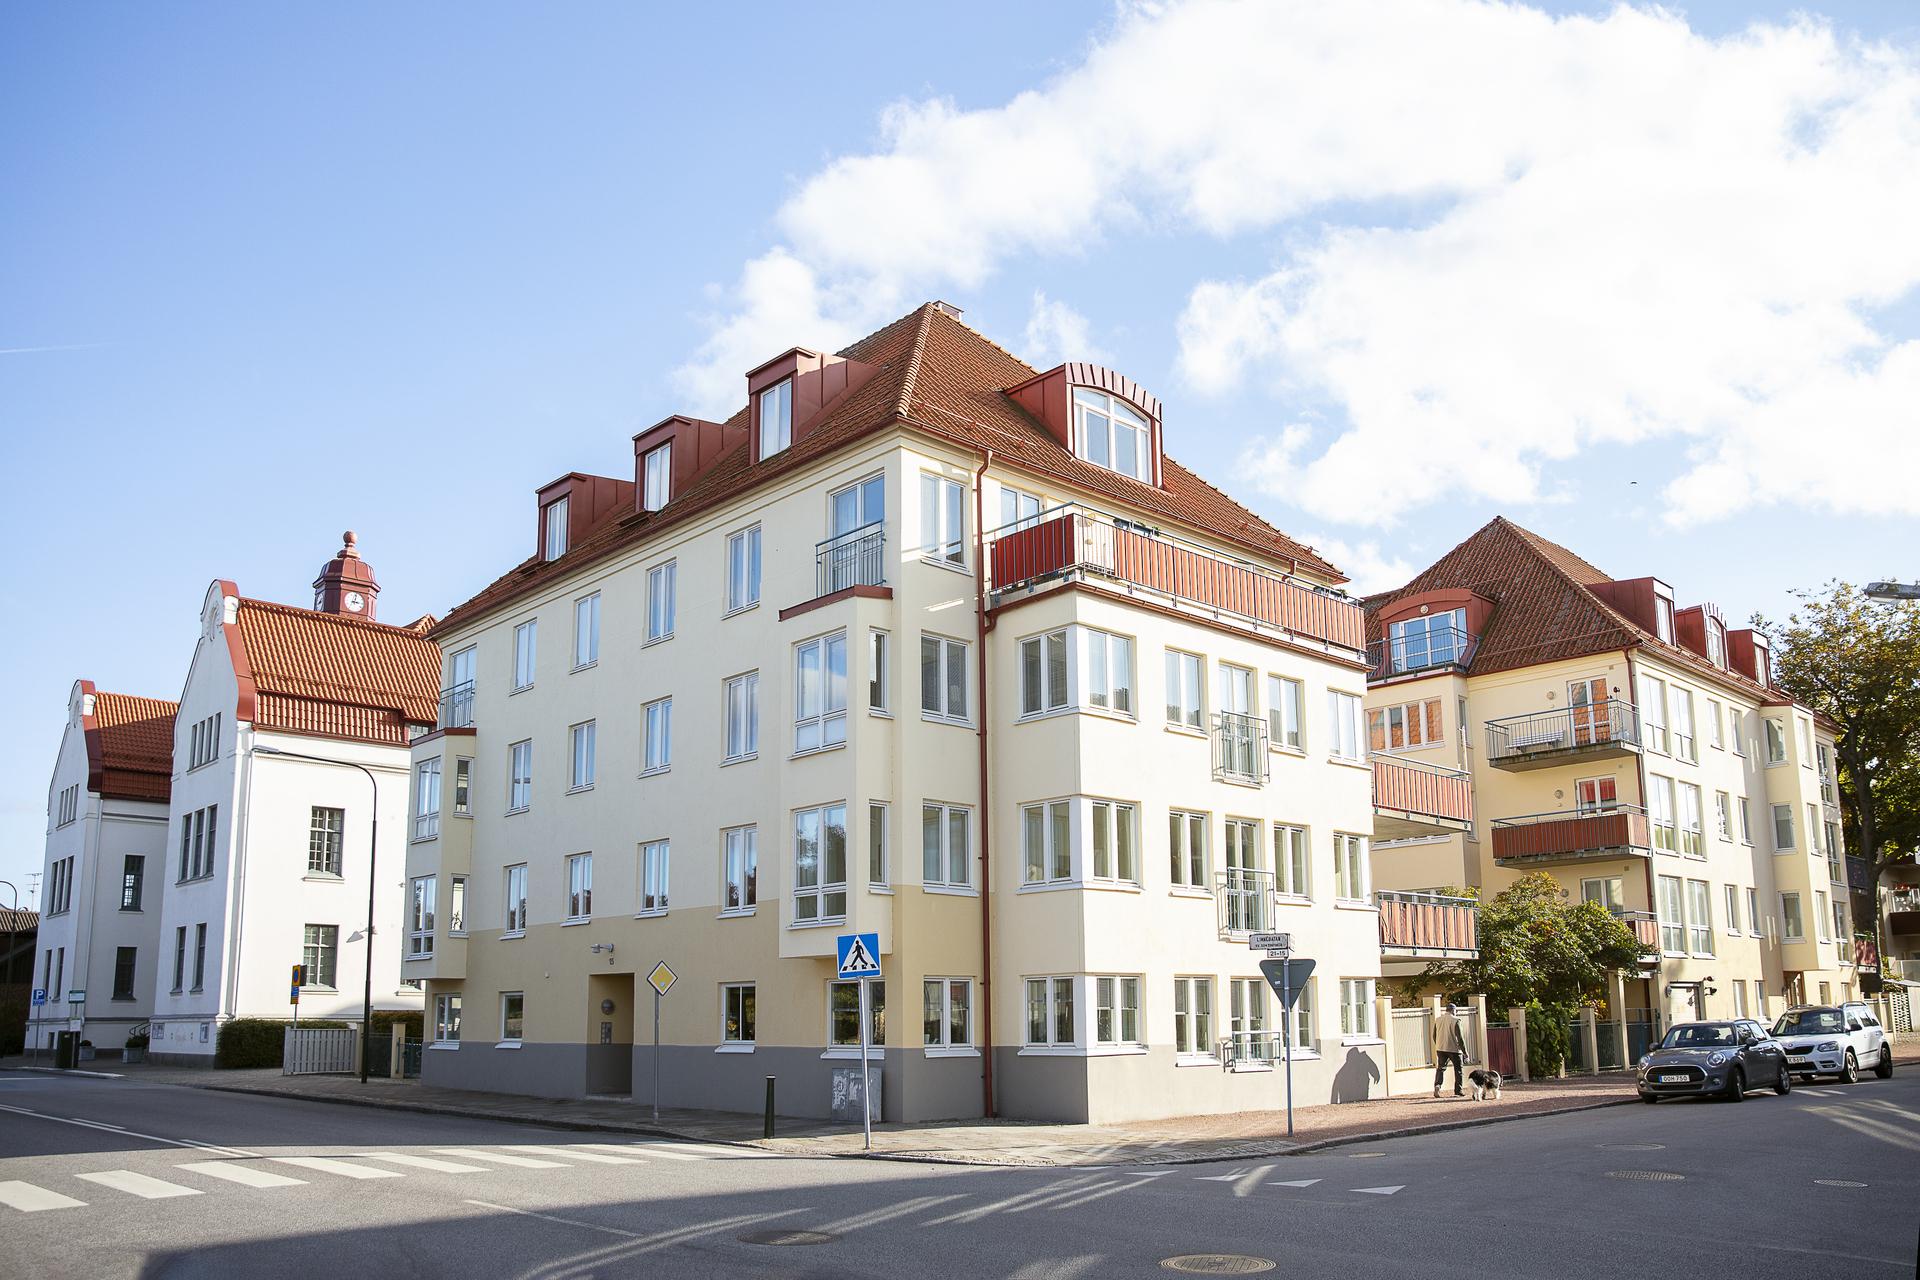 Brf. Tonfisken fastighet, bebyggdes år 2001 och erbjuder moderna ljusa lägenheter